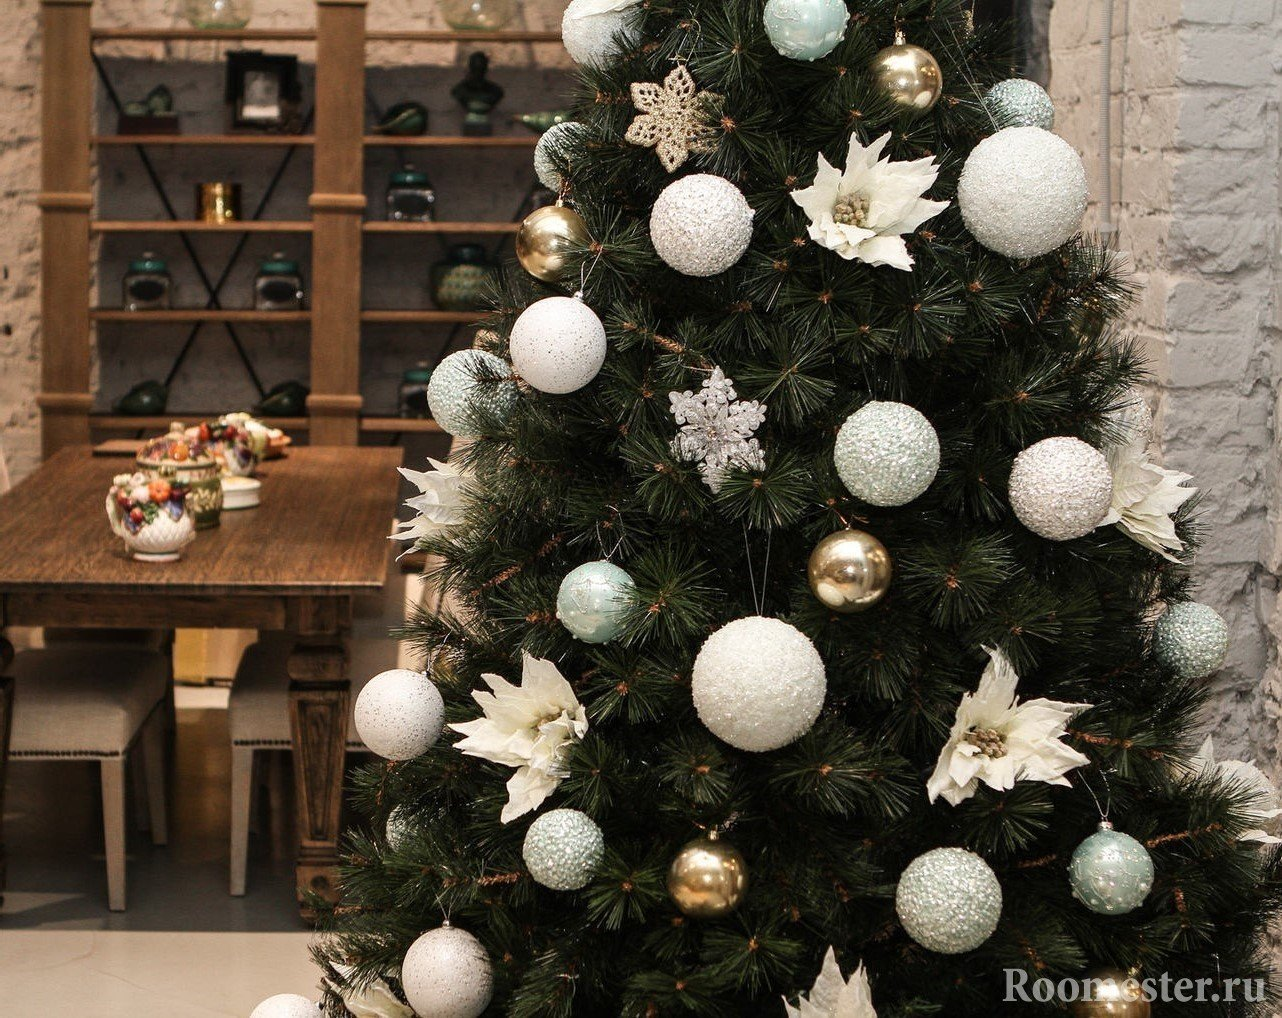 Белые шары на елке